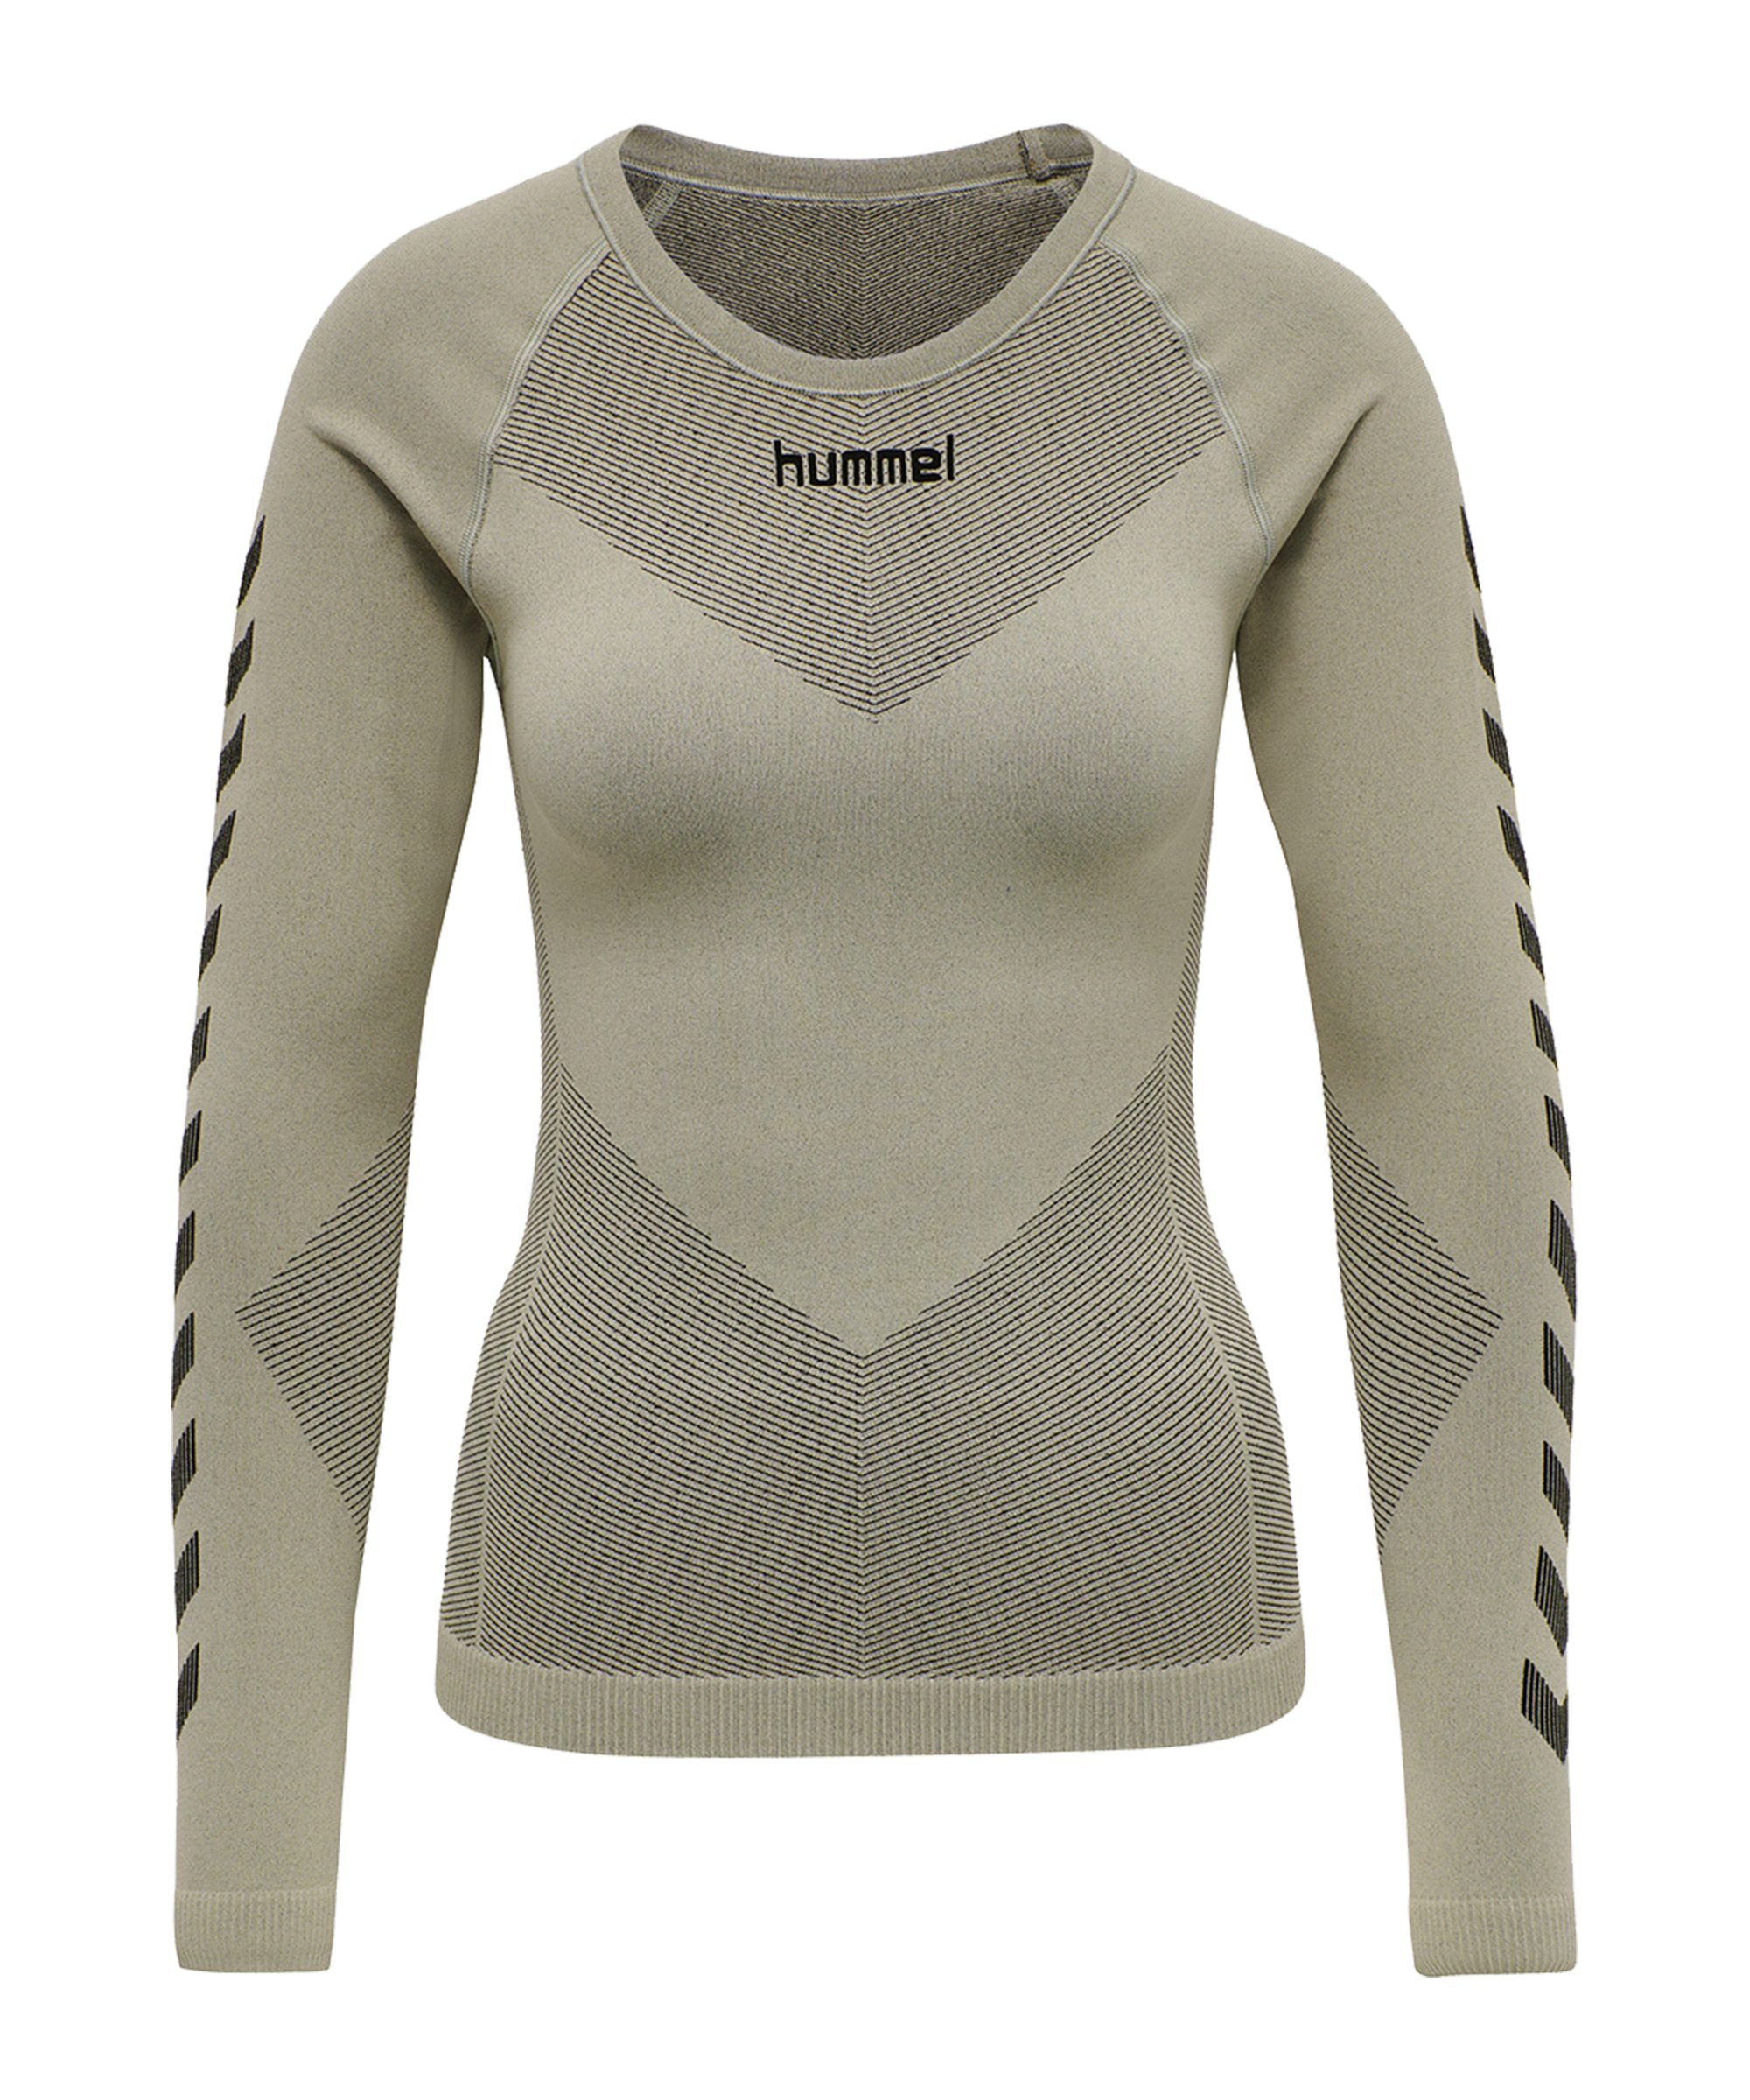 Hummel First Seamless Longsleeve Damen Grün F2931 - gruen